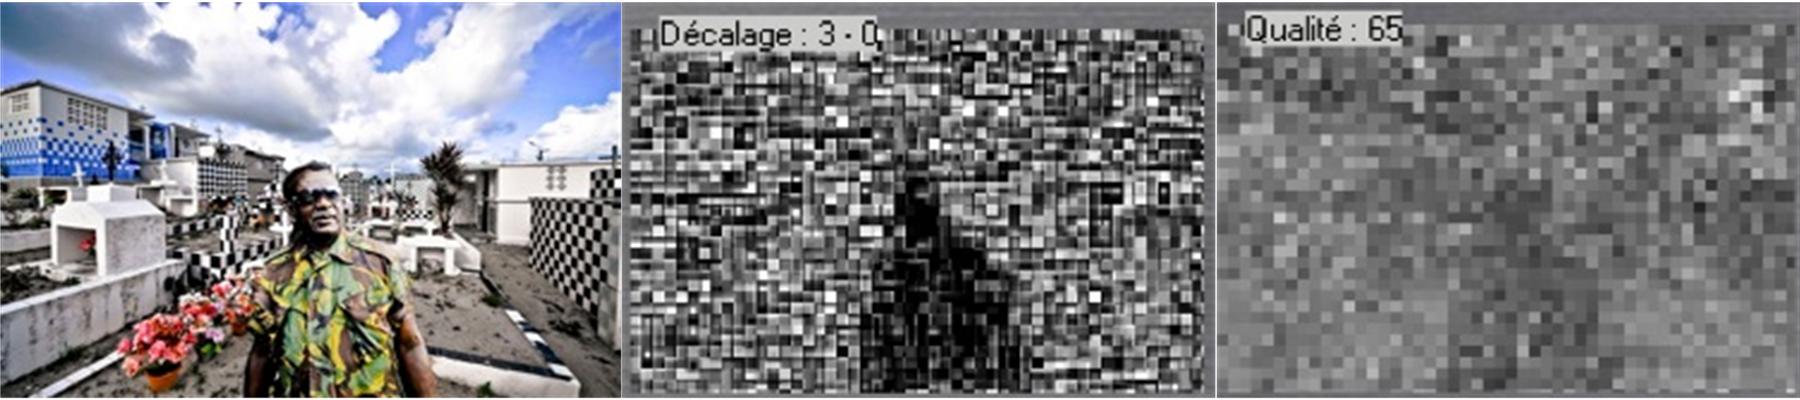 image_manipulation_example_3